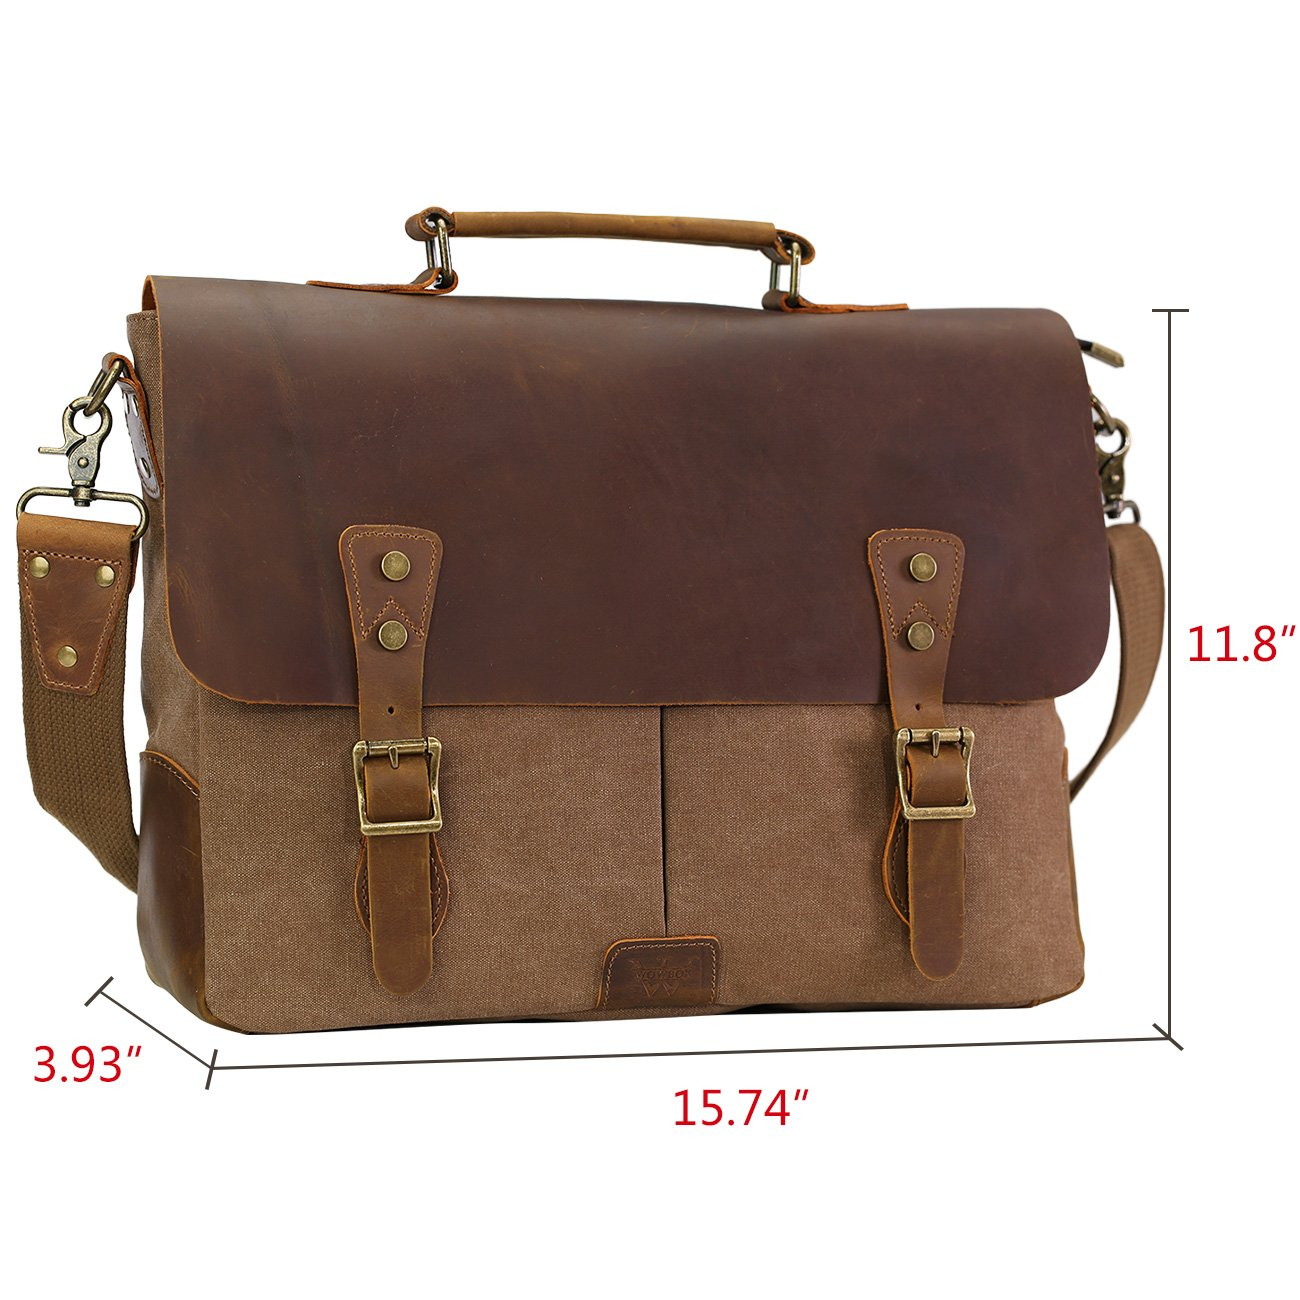 WOWBOX Messenger Bag for Men 156 inch Vintage Leather and Canvas Men Satchel Shoulder Bag Business